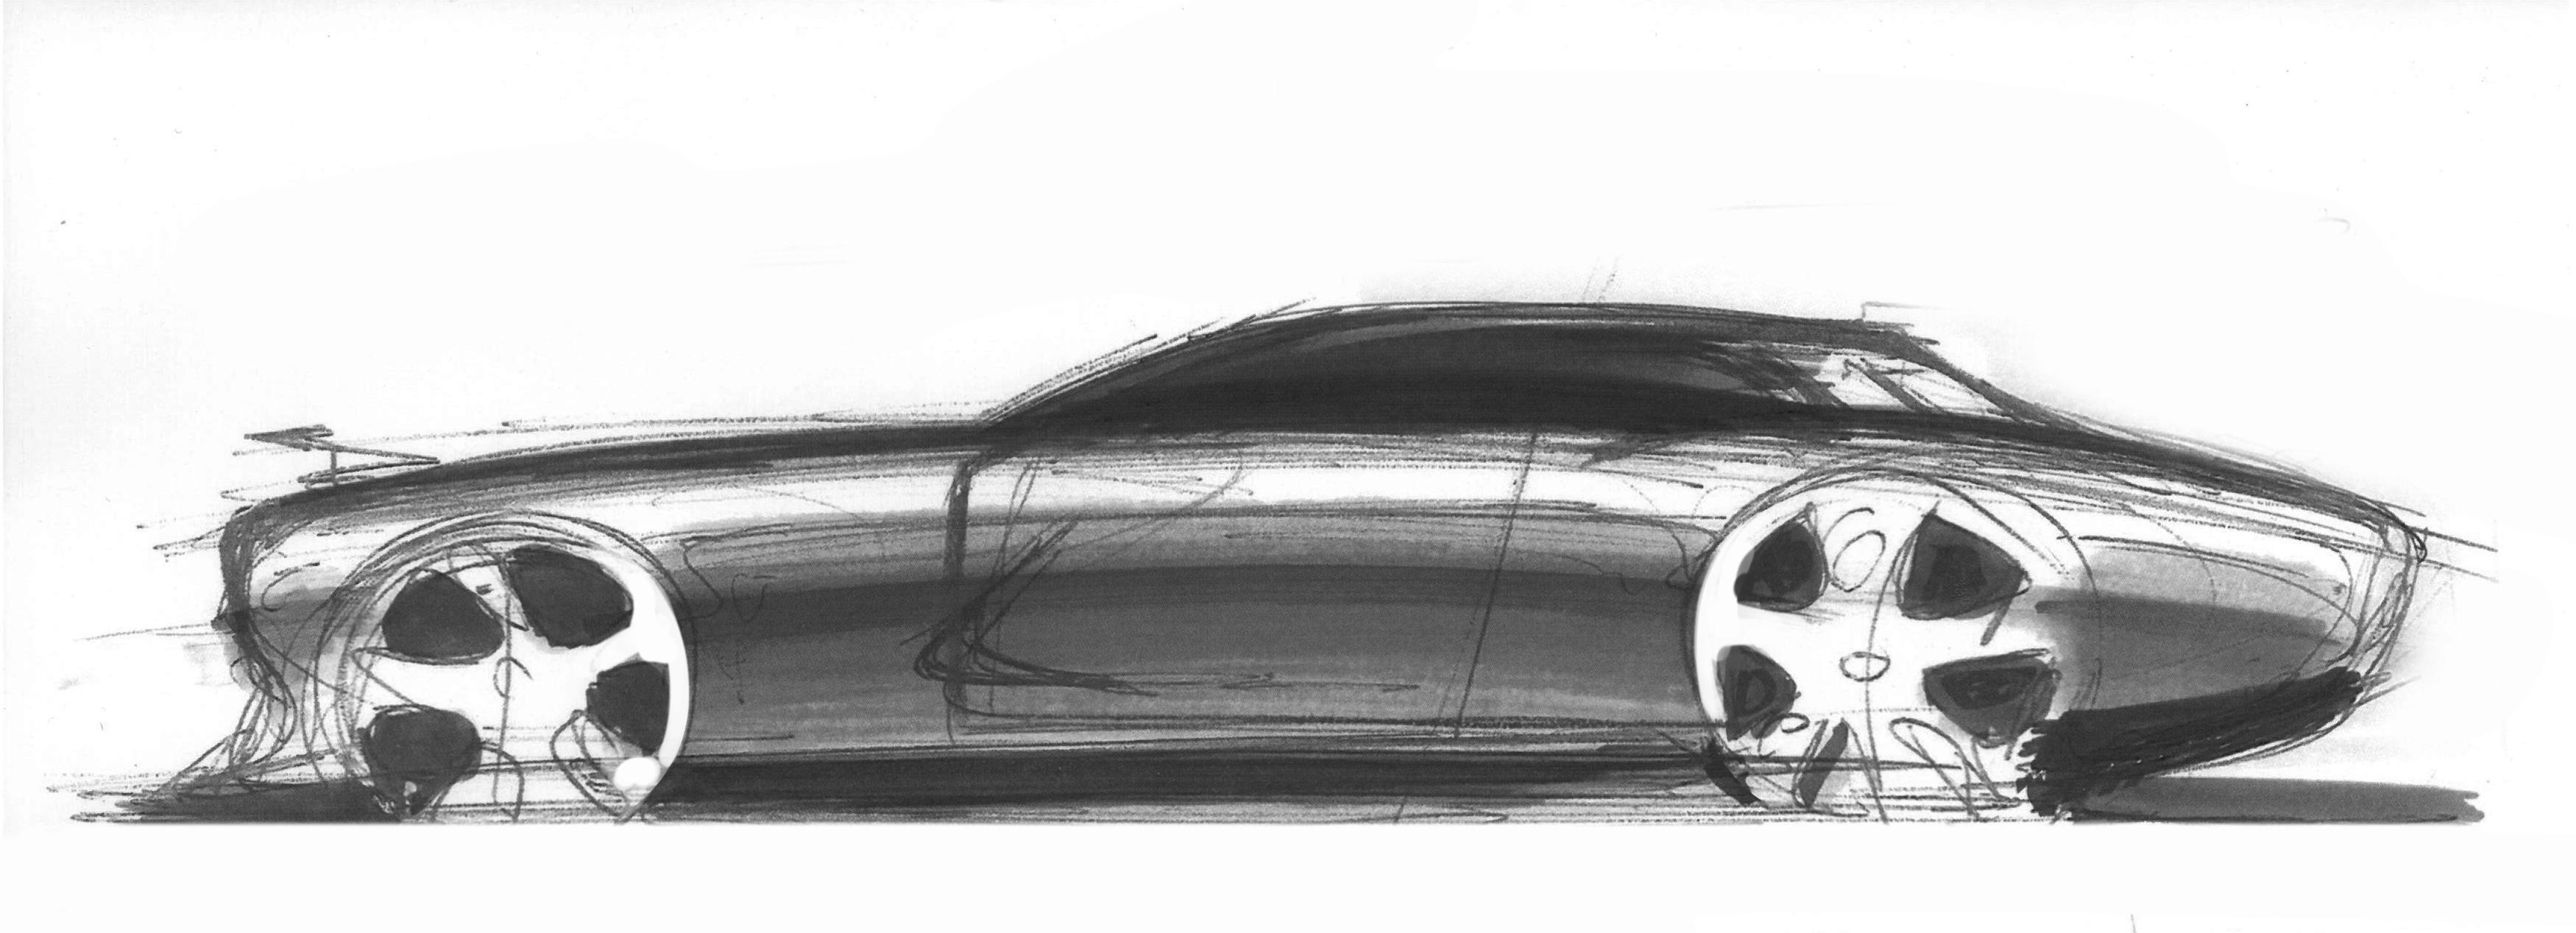 Fond D Ecran Dessin Monochrome Vehicule Voiture Ancienne